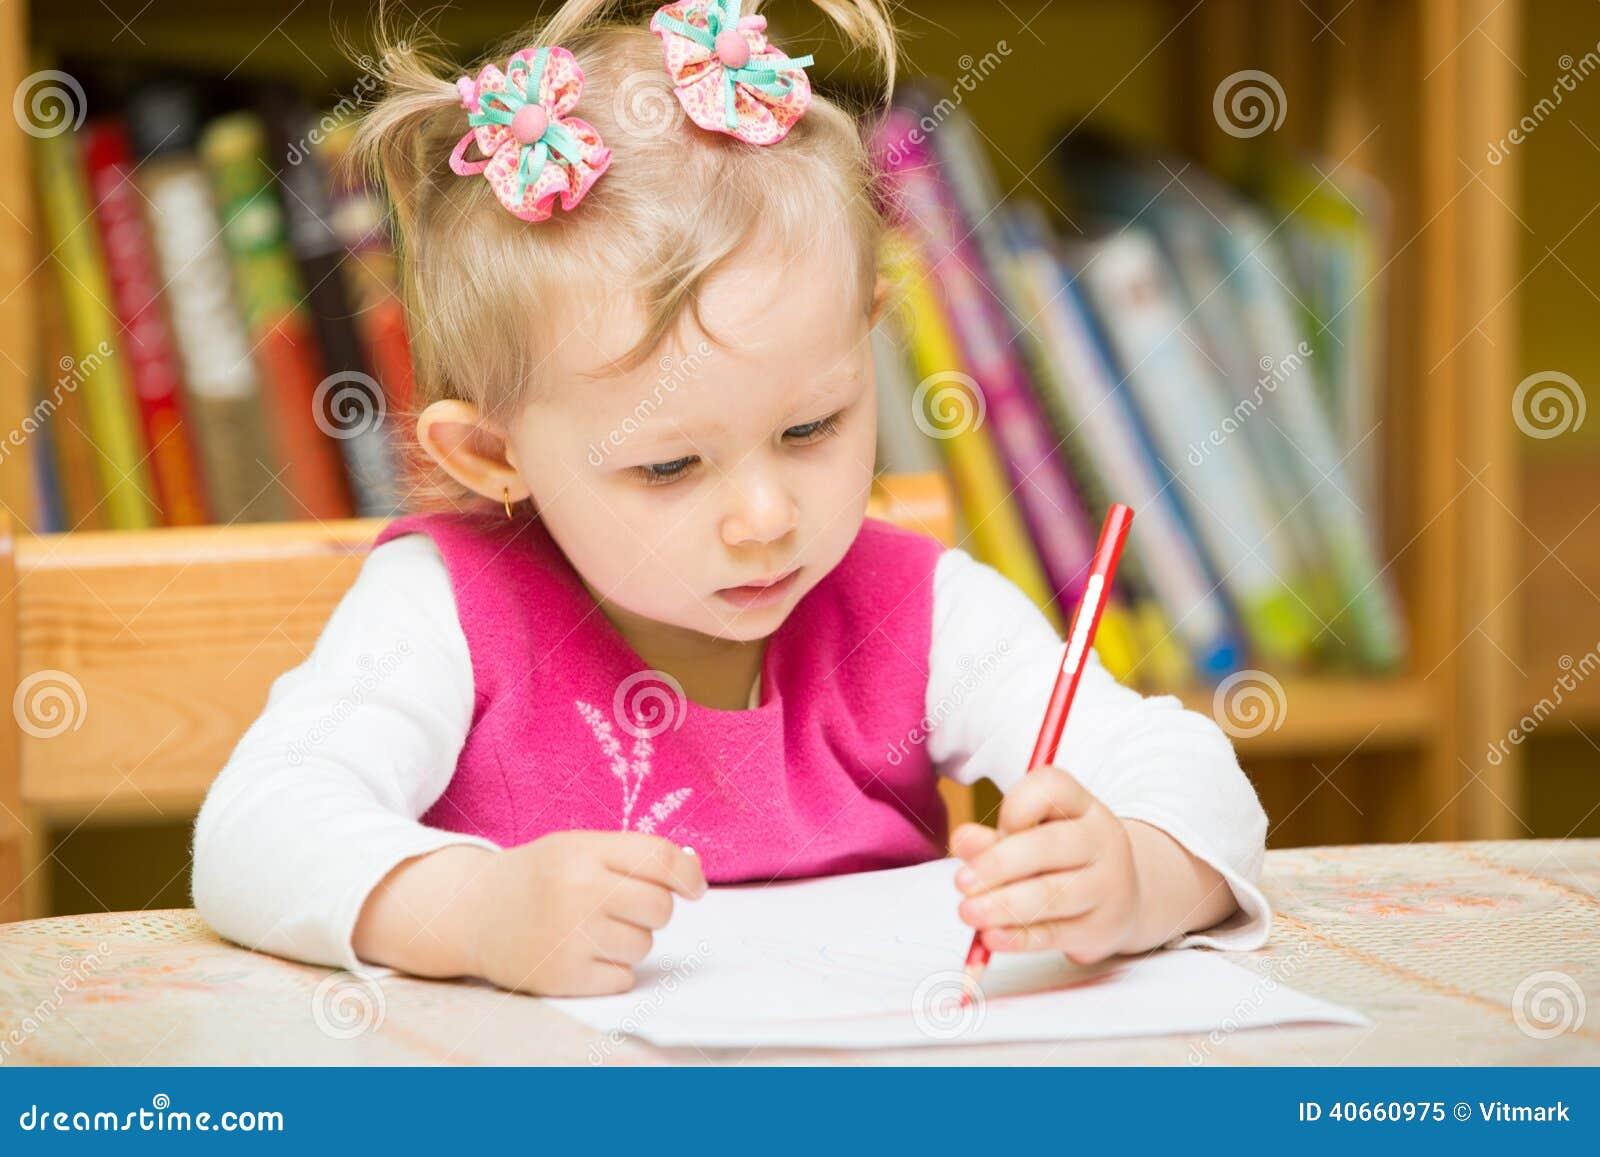 Dessin mignon de fille d 39 enfant avec les crayons color s - Table de jardin enfants ...